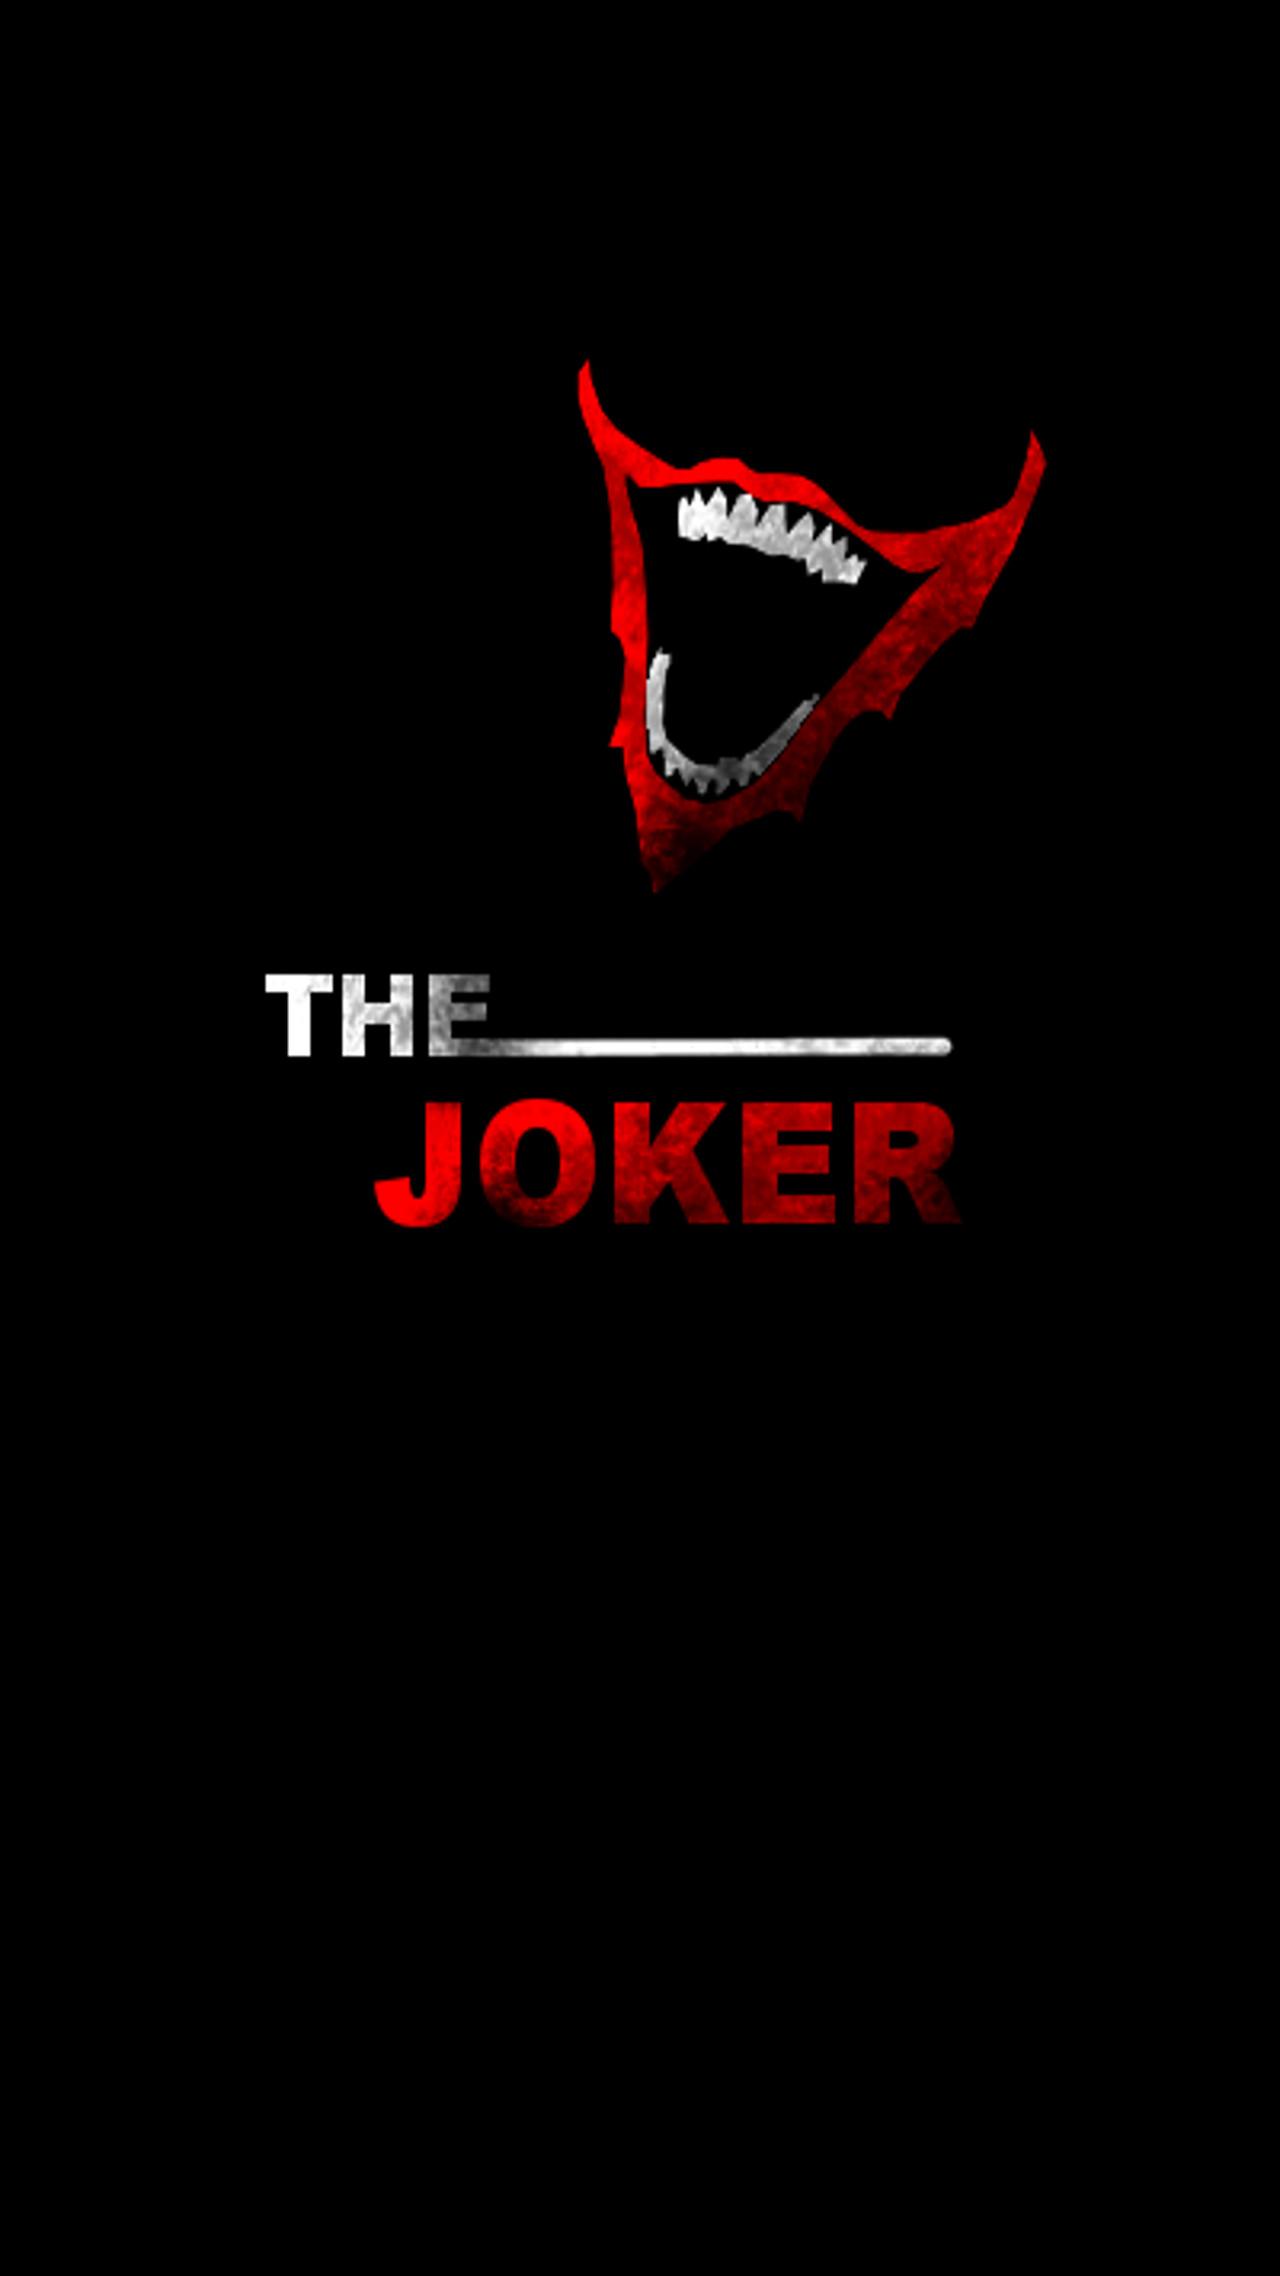 Joker iPhone 6 wallpaper by KairoFall Joker iPhone 6 wallpaper by KairoFall